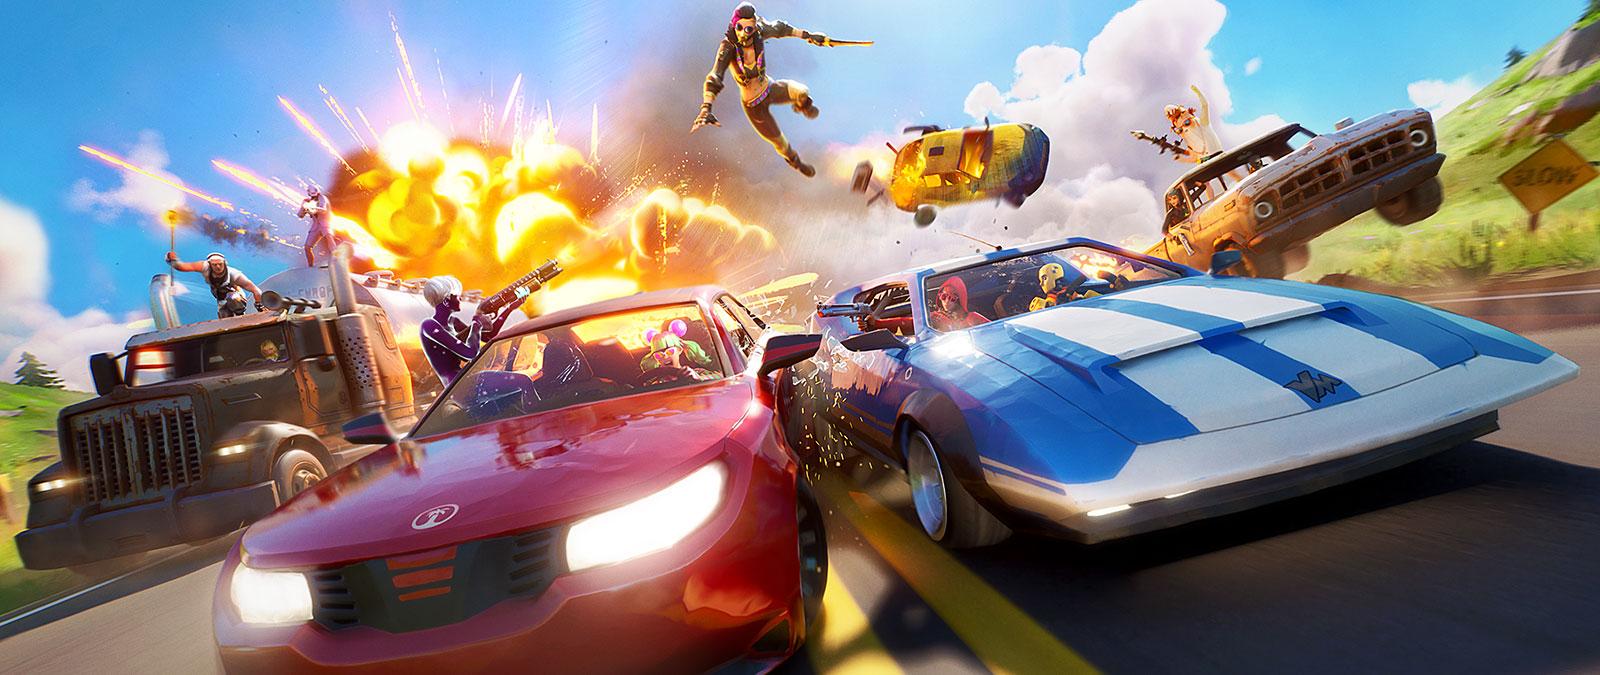 Personagens do Fortnite dirigem lado a lado em carros de corrida, com uma explosão no fundo.